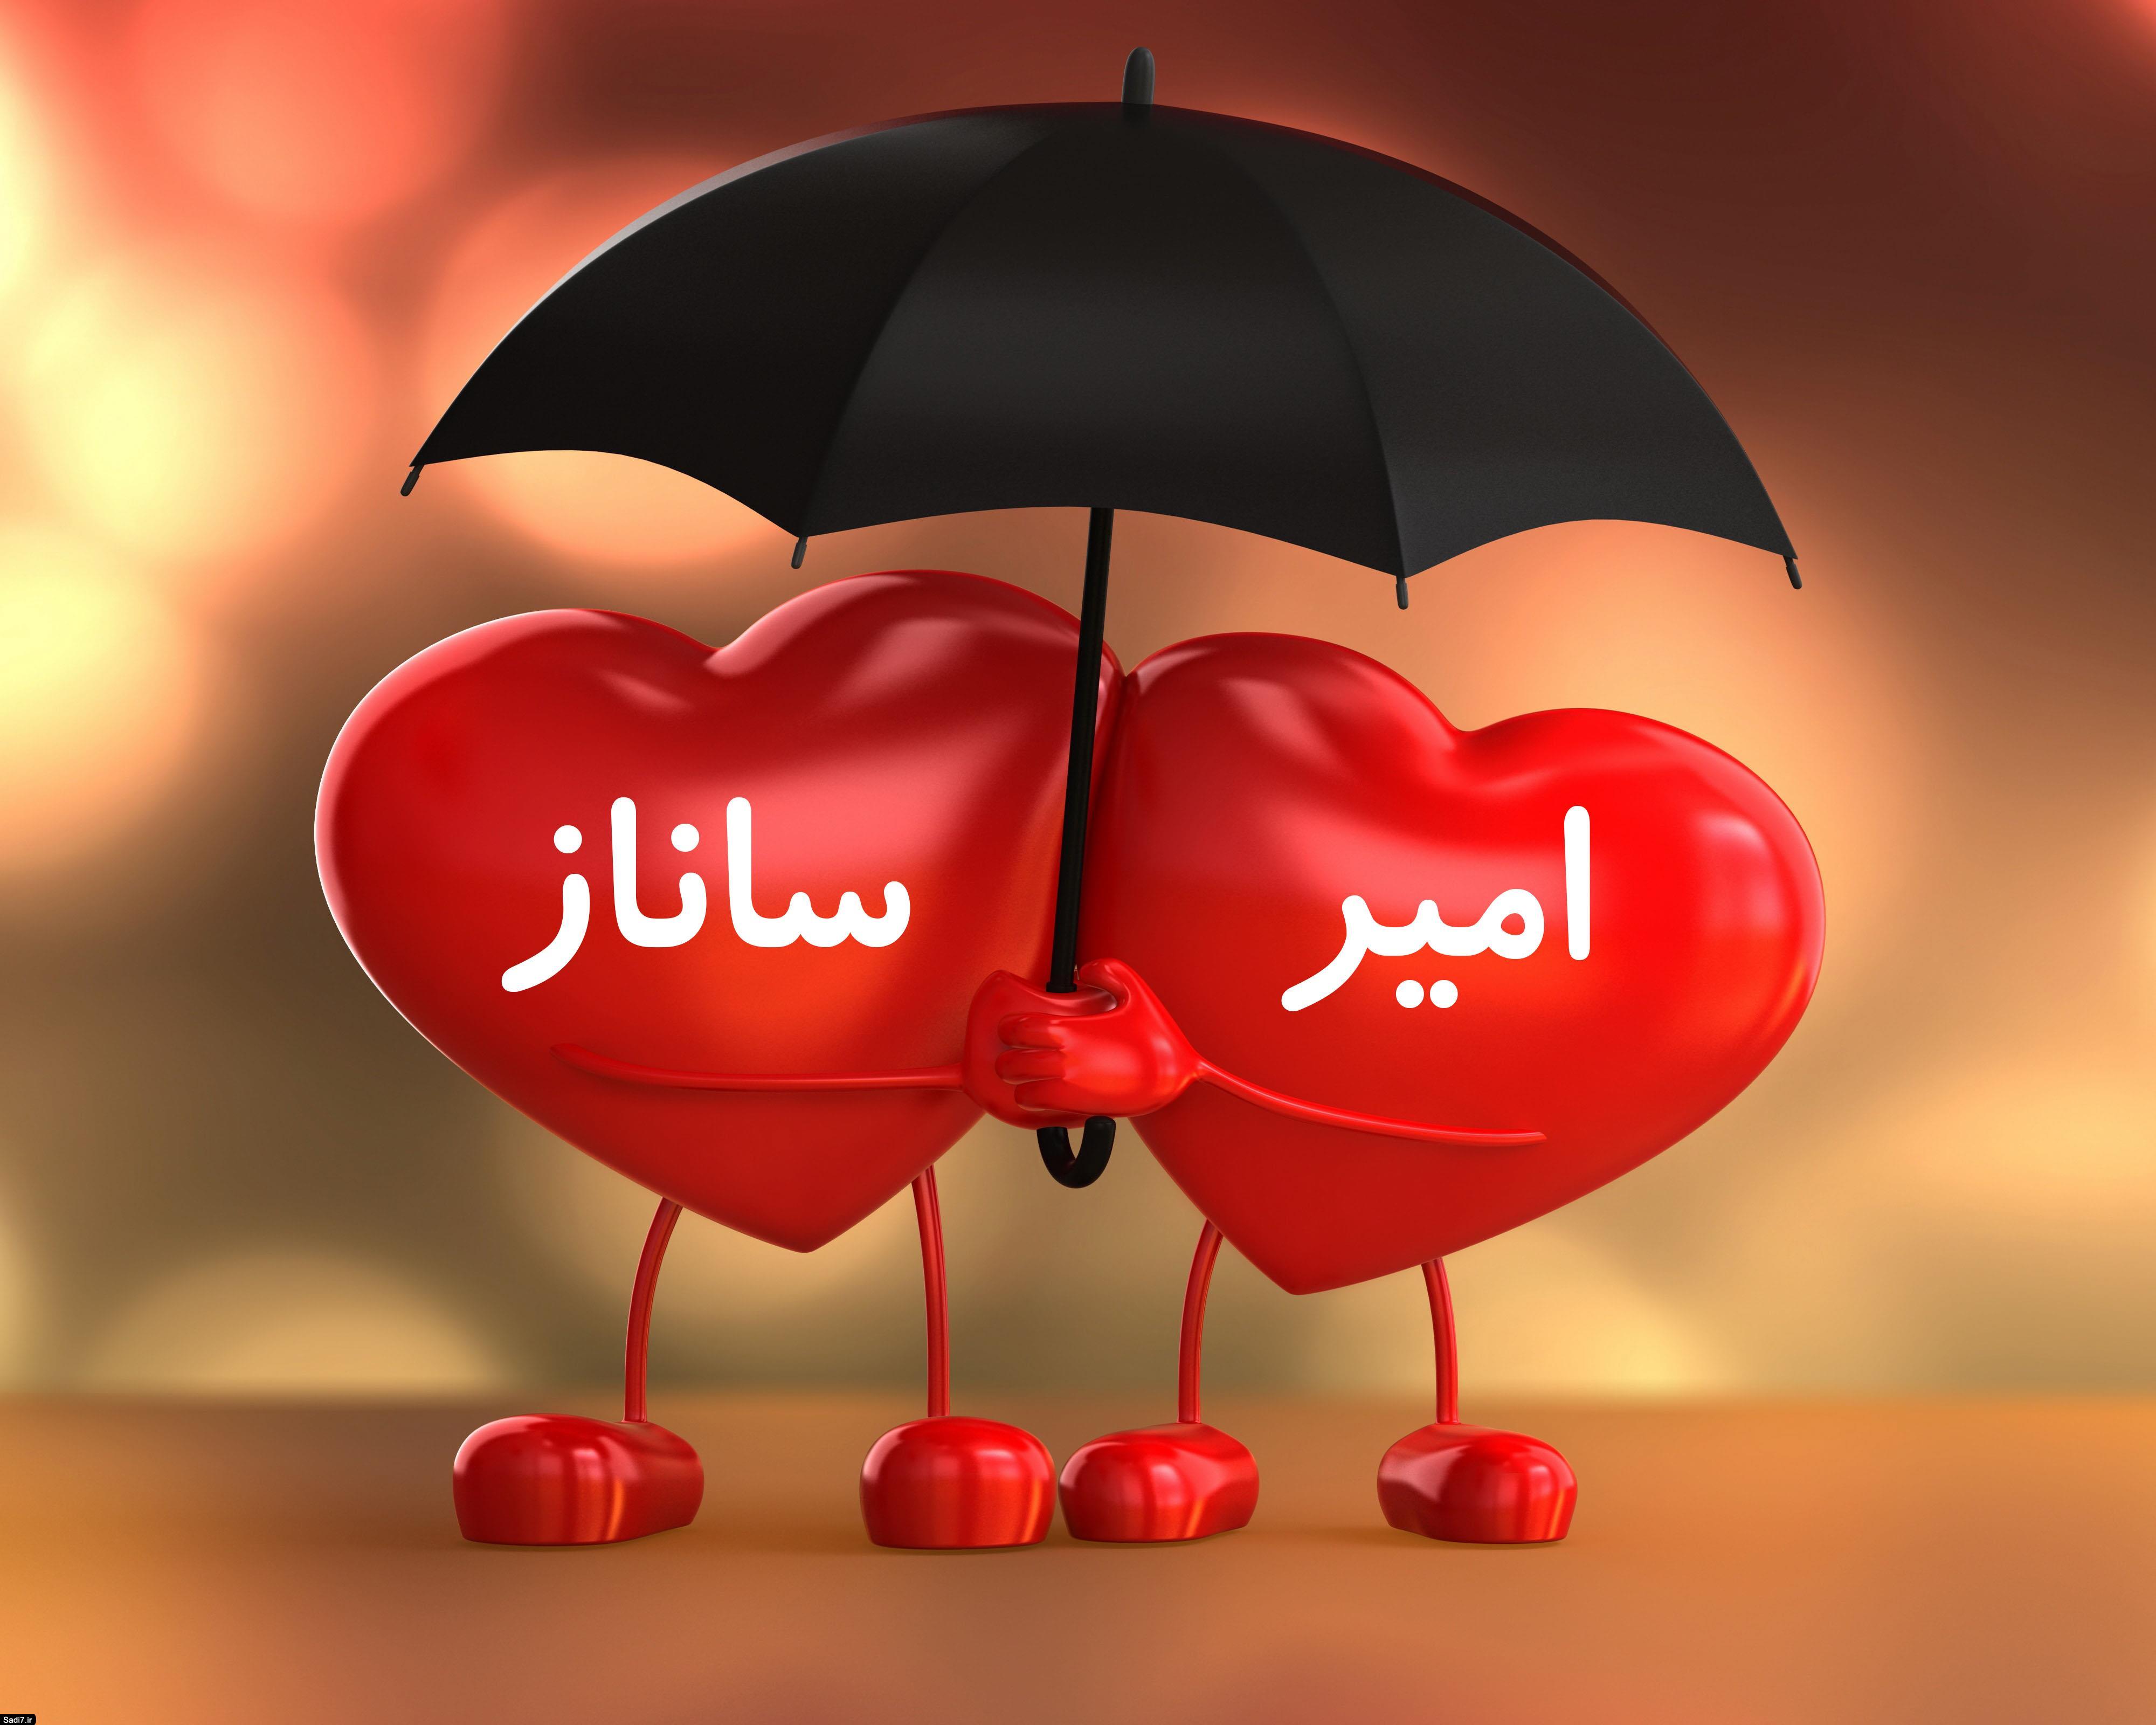 عکس نوشته قلب امیر و ساناز